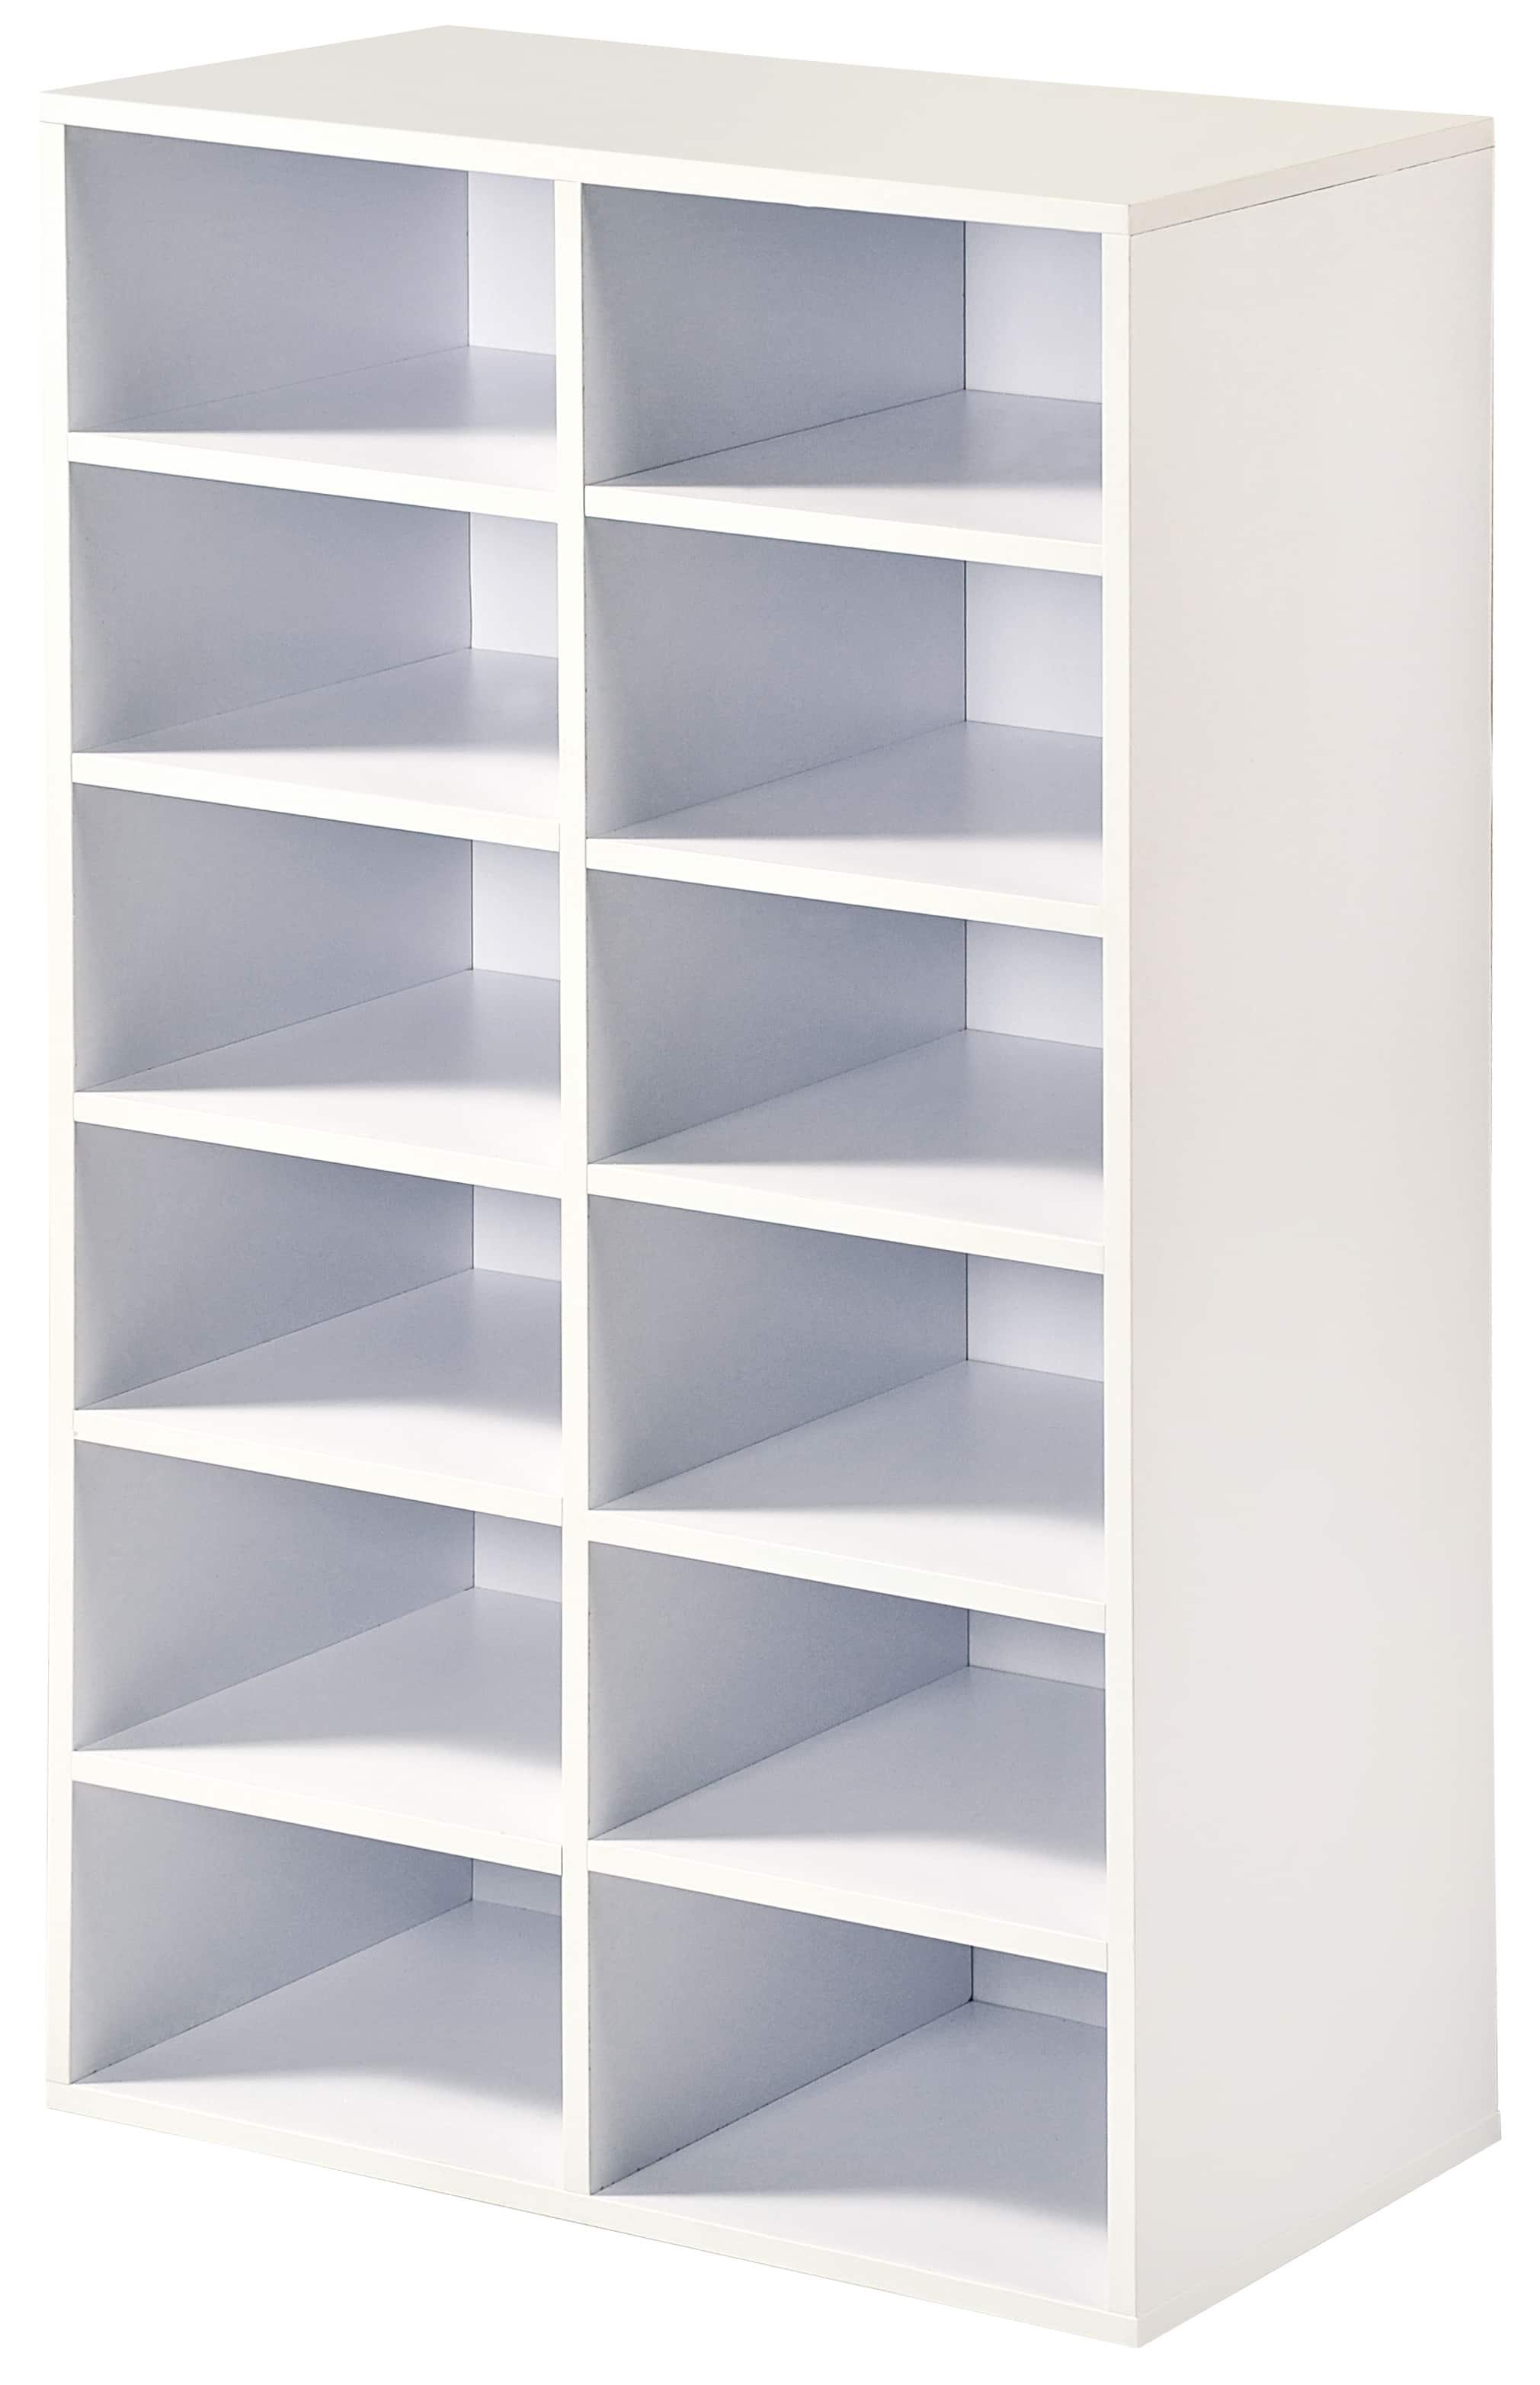 Ruime Schoenenkast 51,5x29,5x87 cm - 12 vaks - Wit